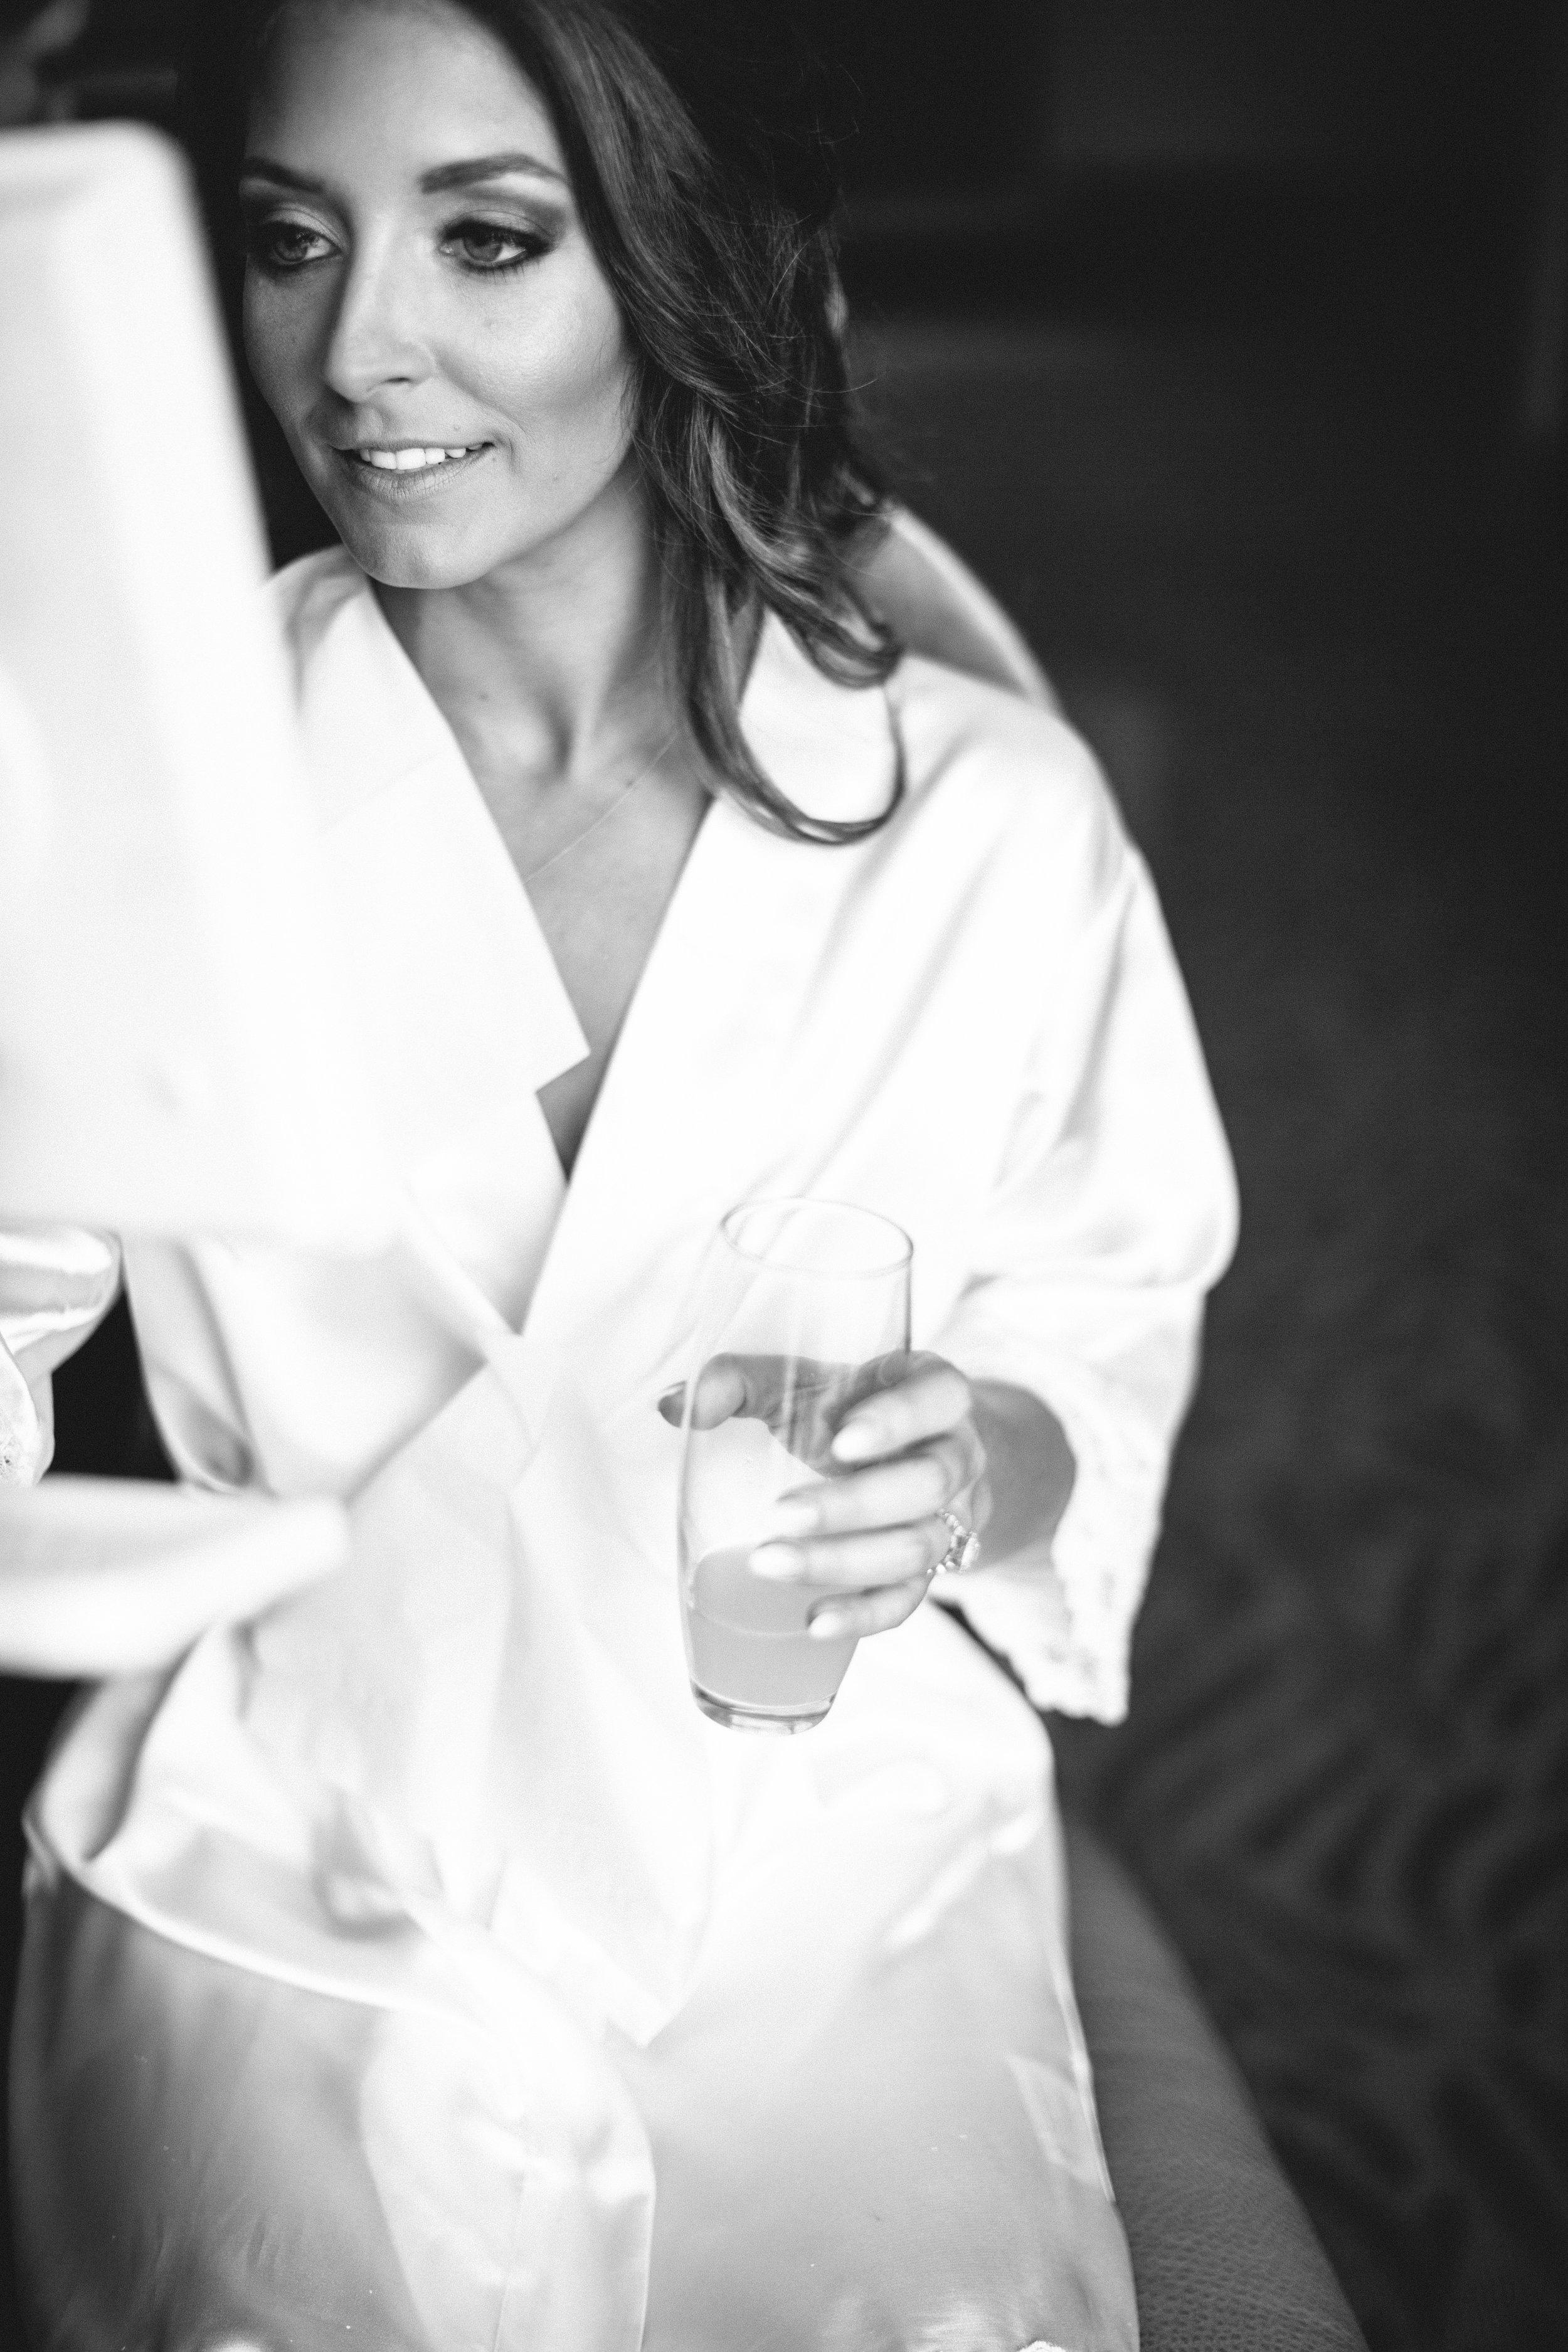 Brittany-Chad-Wedding-026-2.jpg